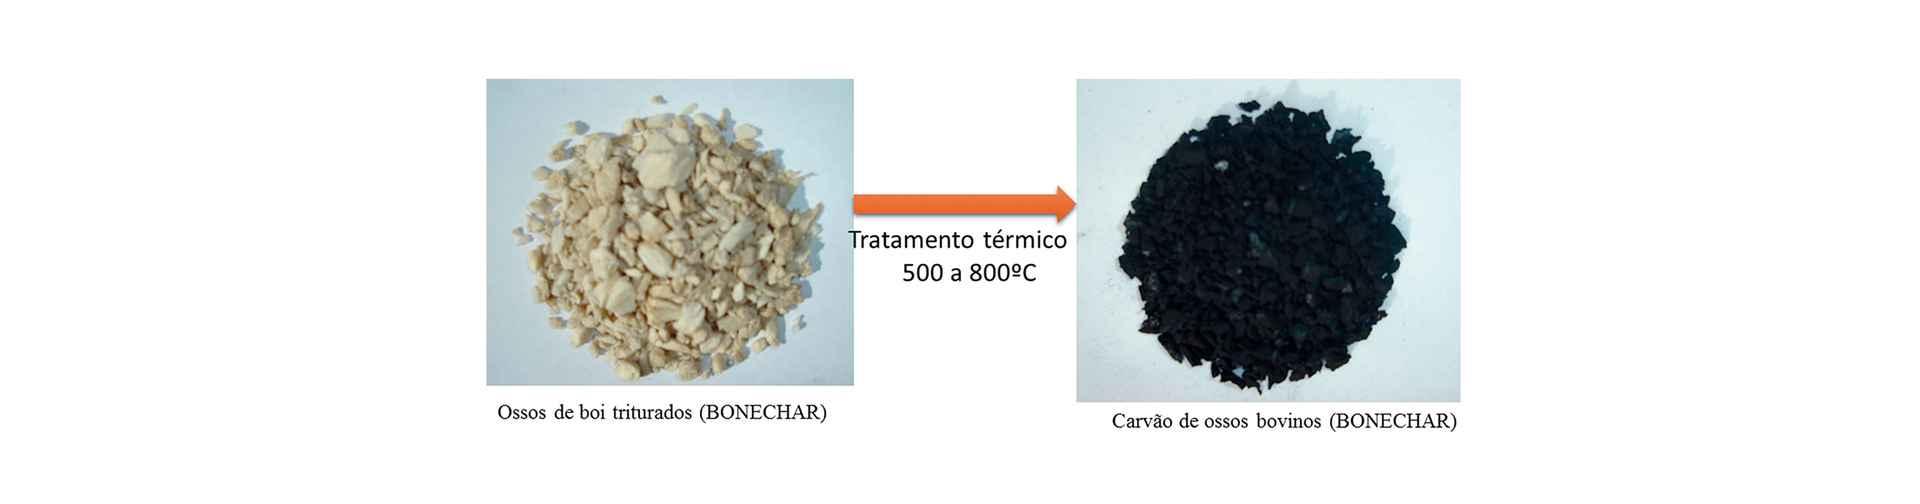 Tratamento térmico em altas temperaturas transforma os ossos de boi em carvão